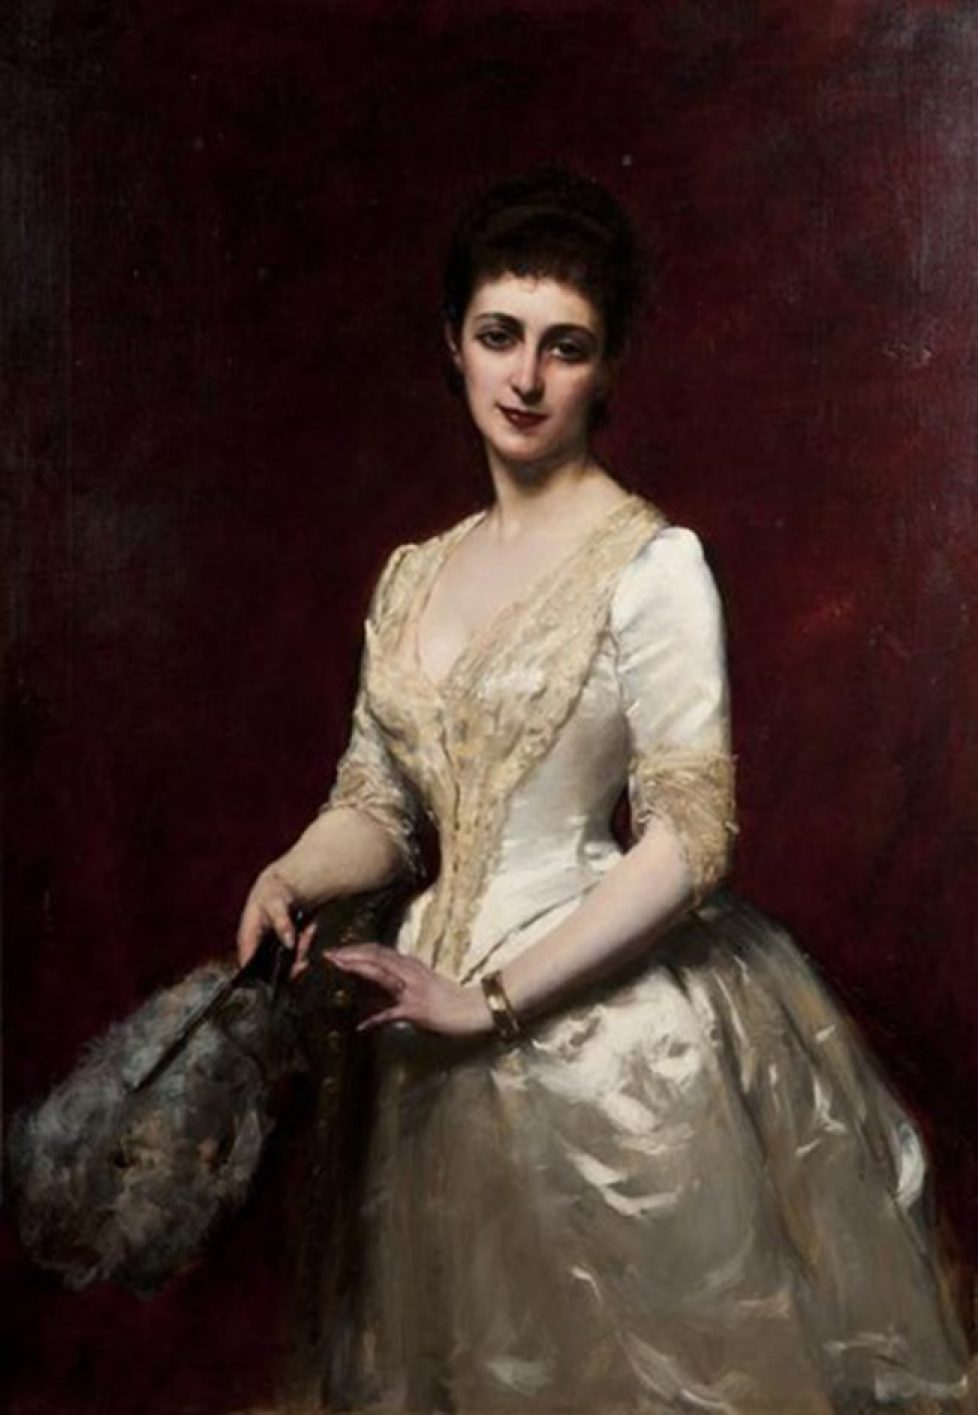 portrait_princesse-tt-width-653-height-945-fill-0-crop-0-bgcolor-eeeeee